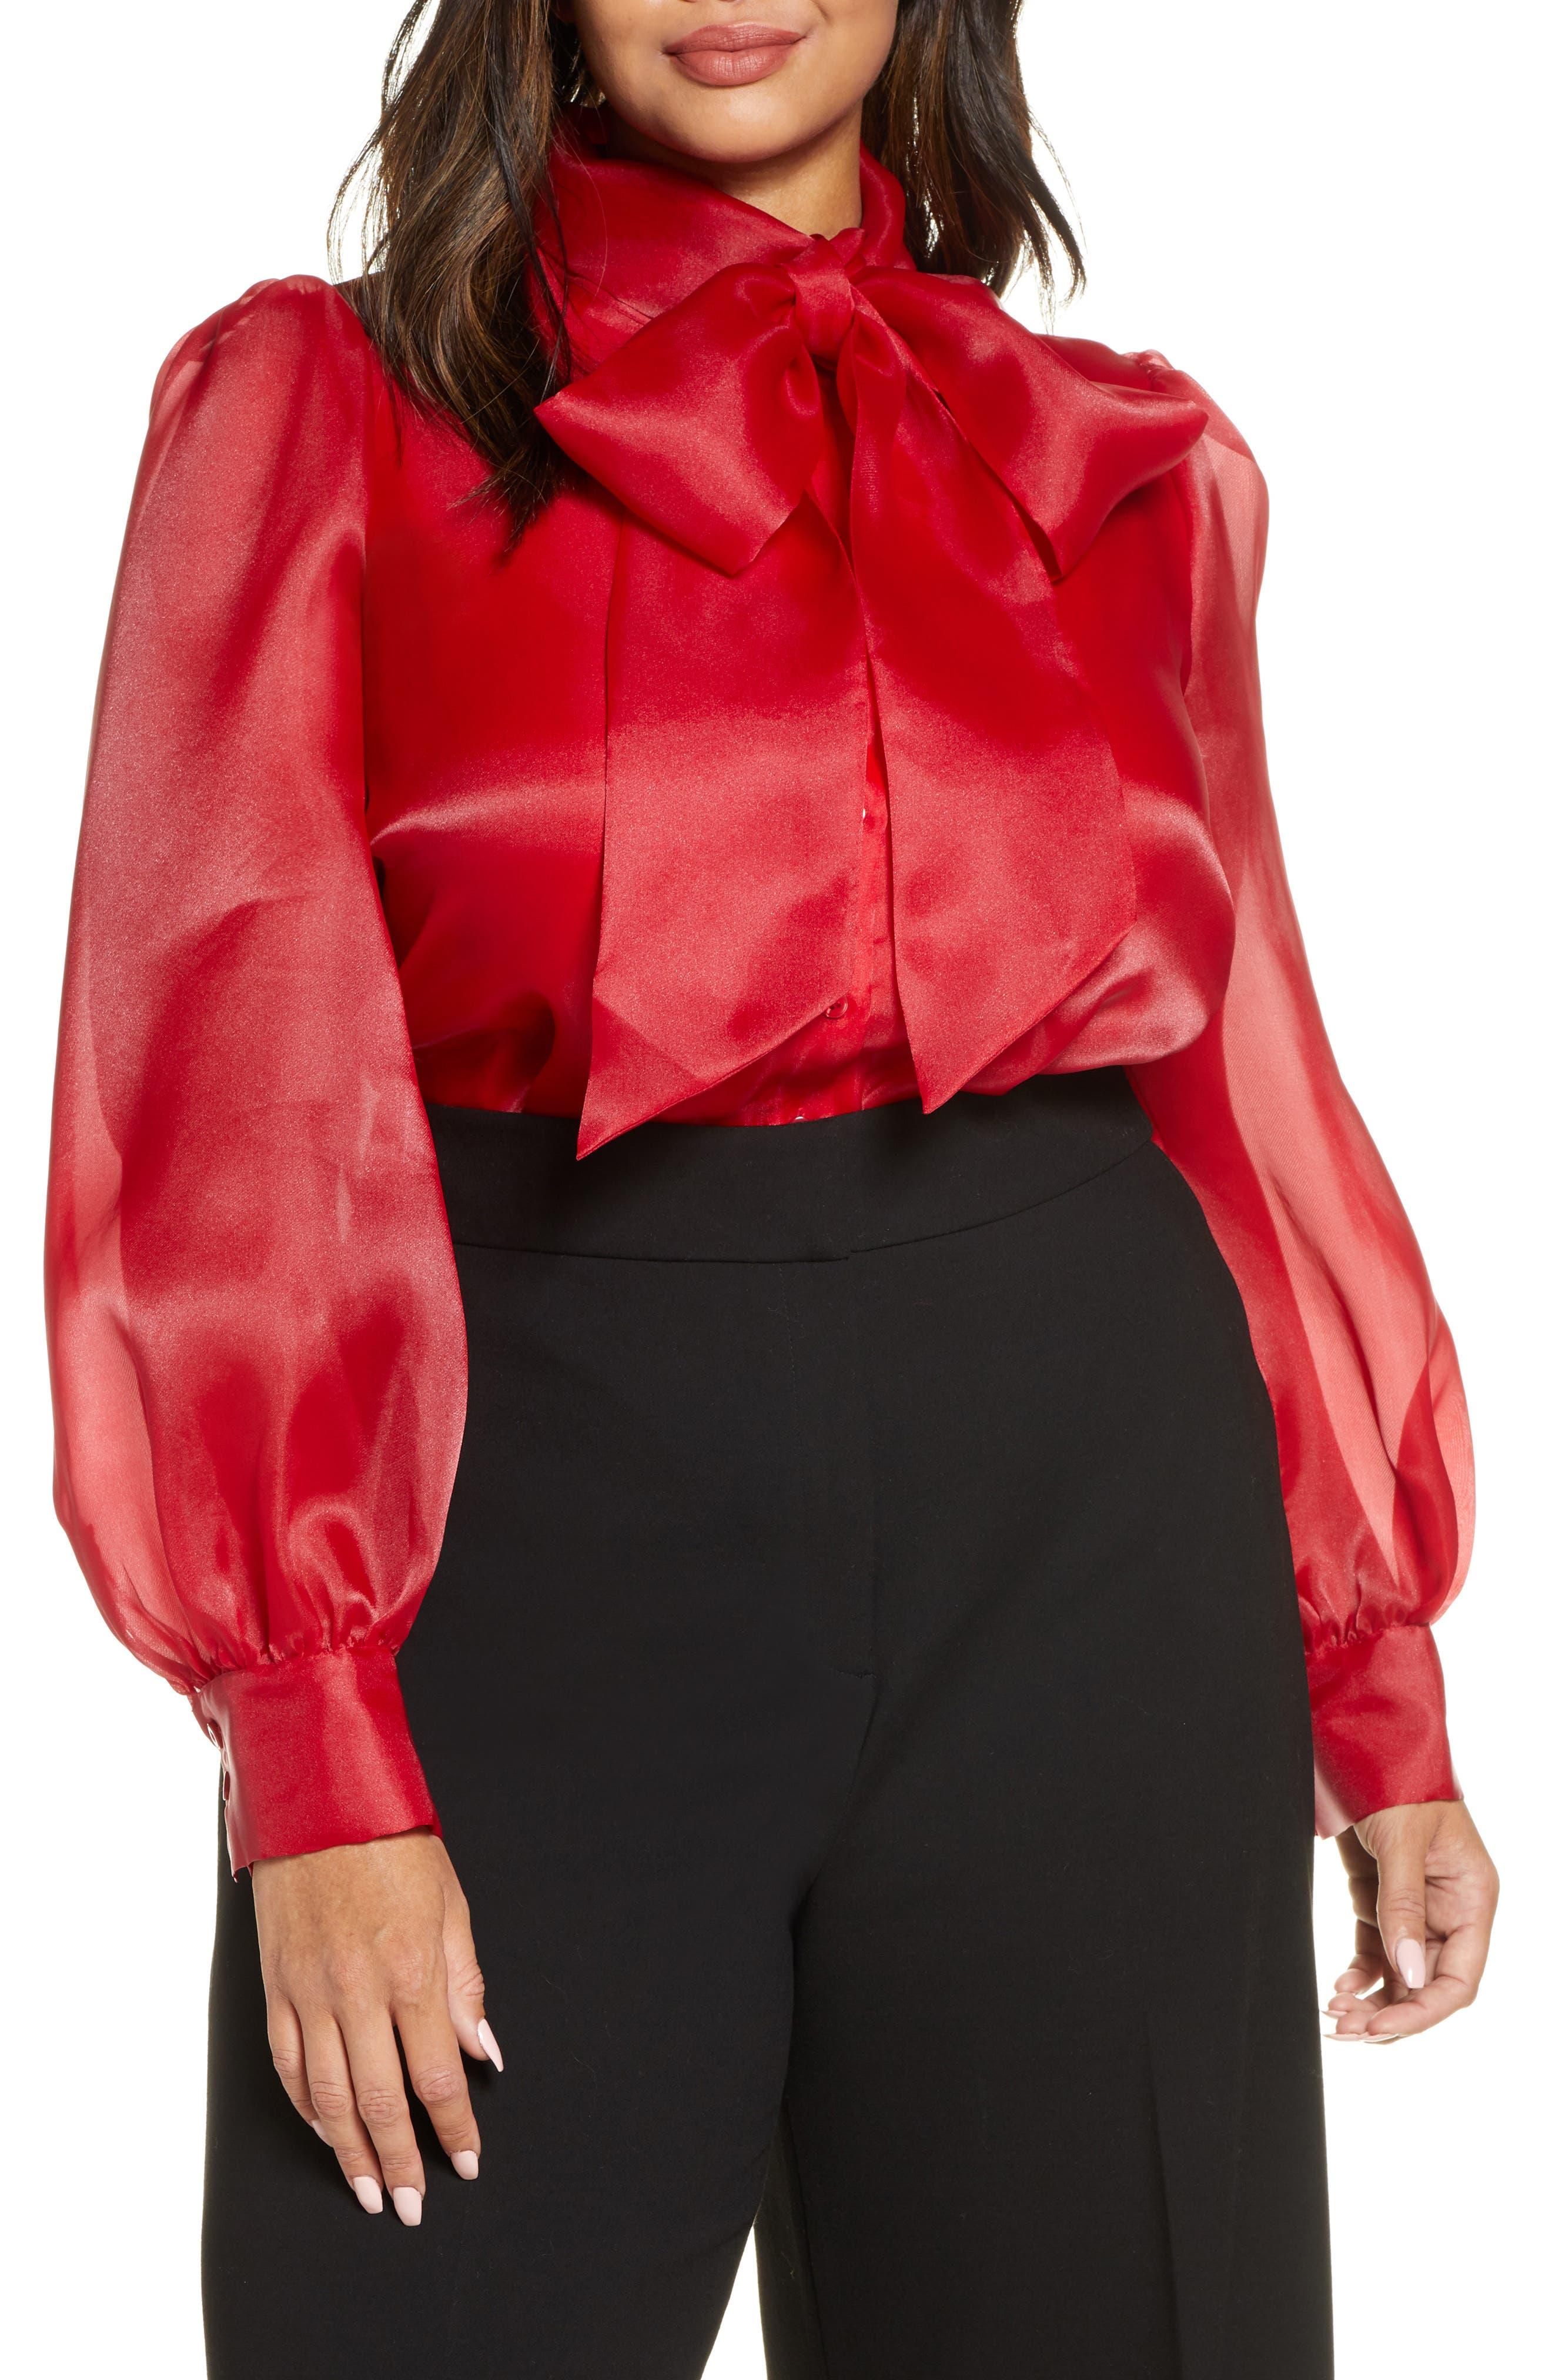 Plus Size Women's Halogen X Atlantic-Pacific Bow Collar Blouse